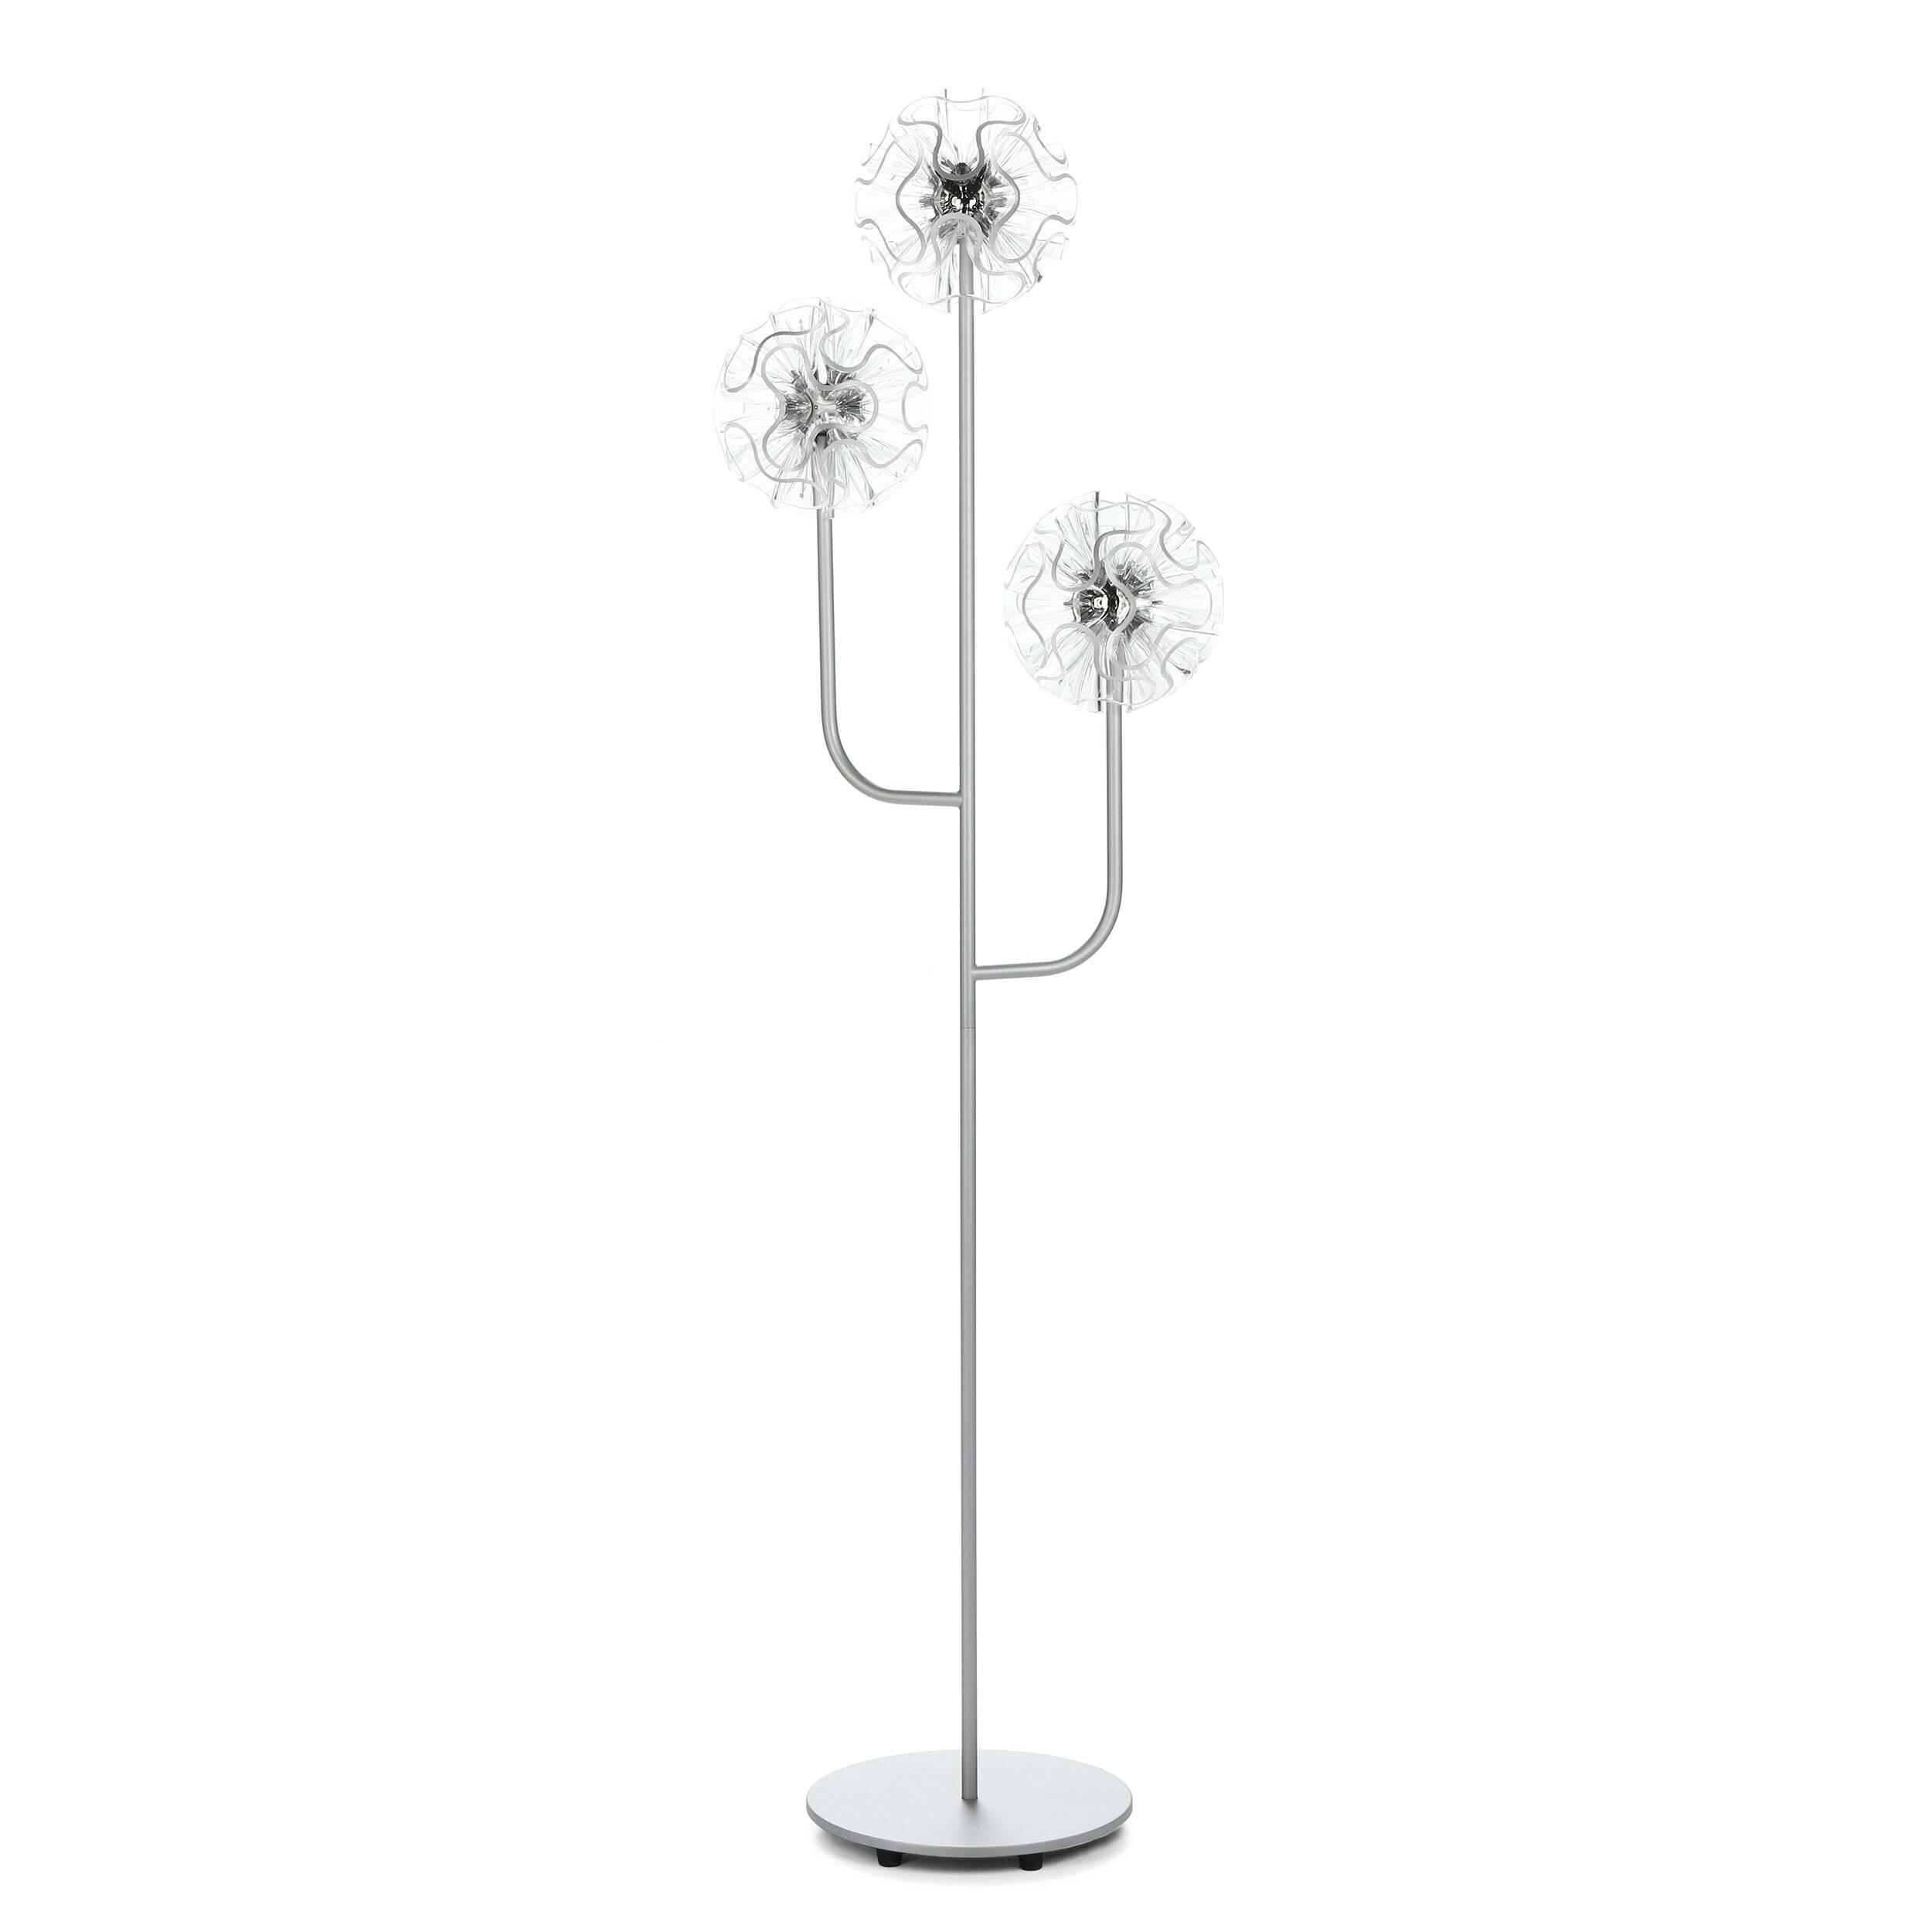 Напольный светильник Coral Ball биокамин напольный классика в москве недорого